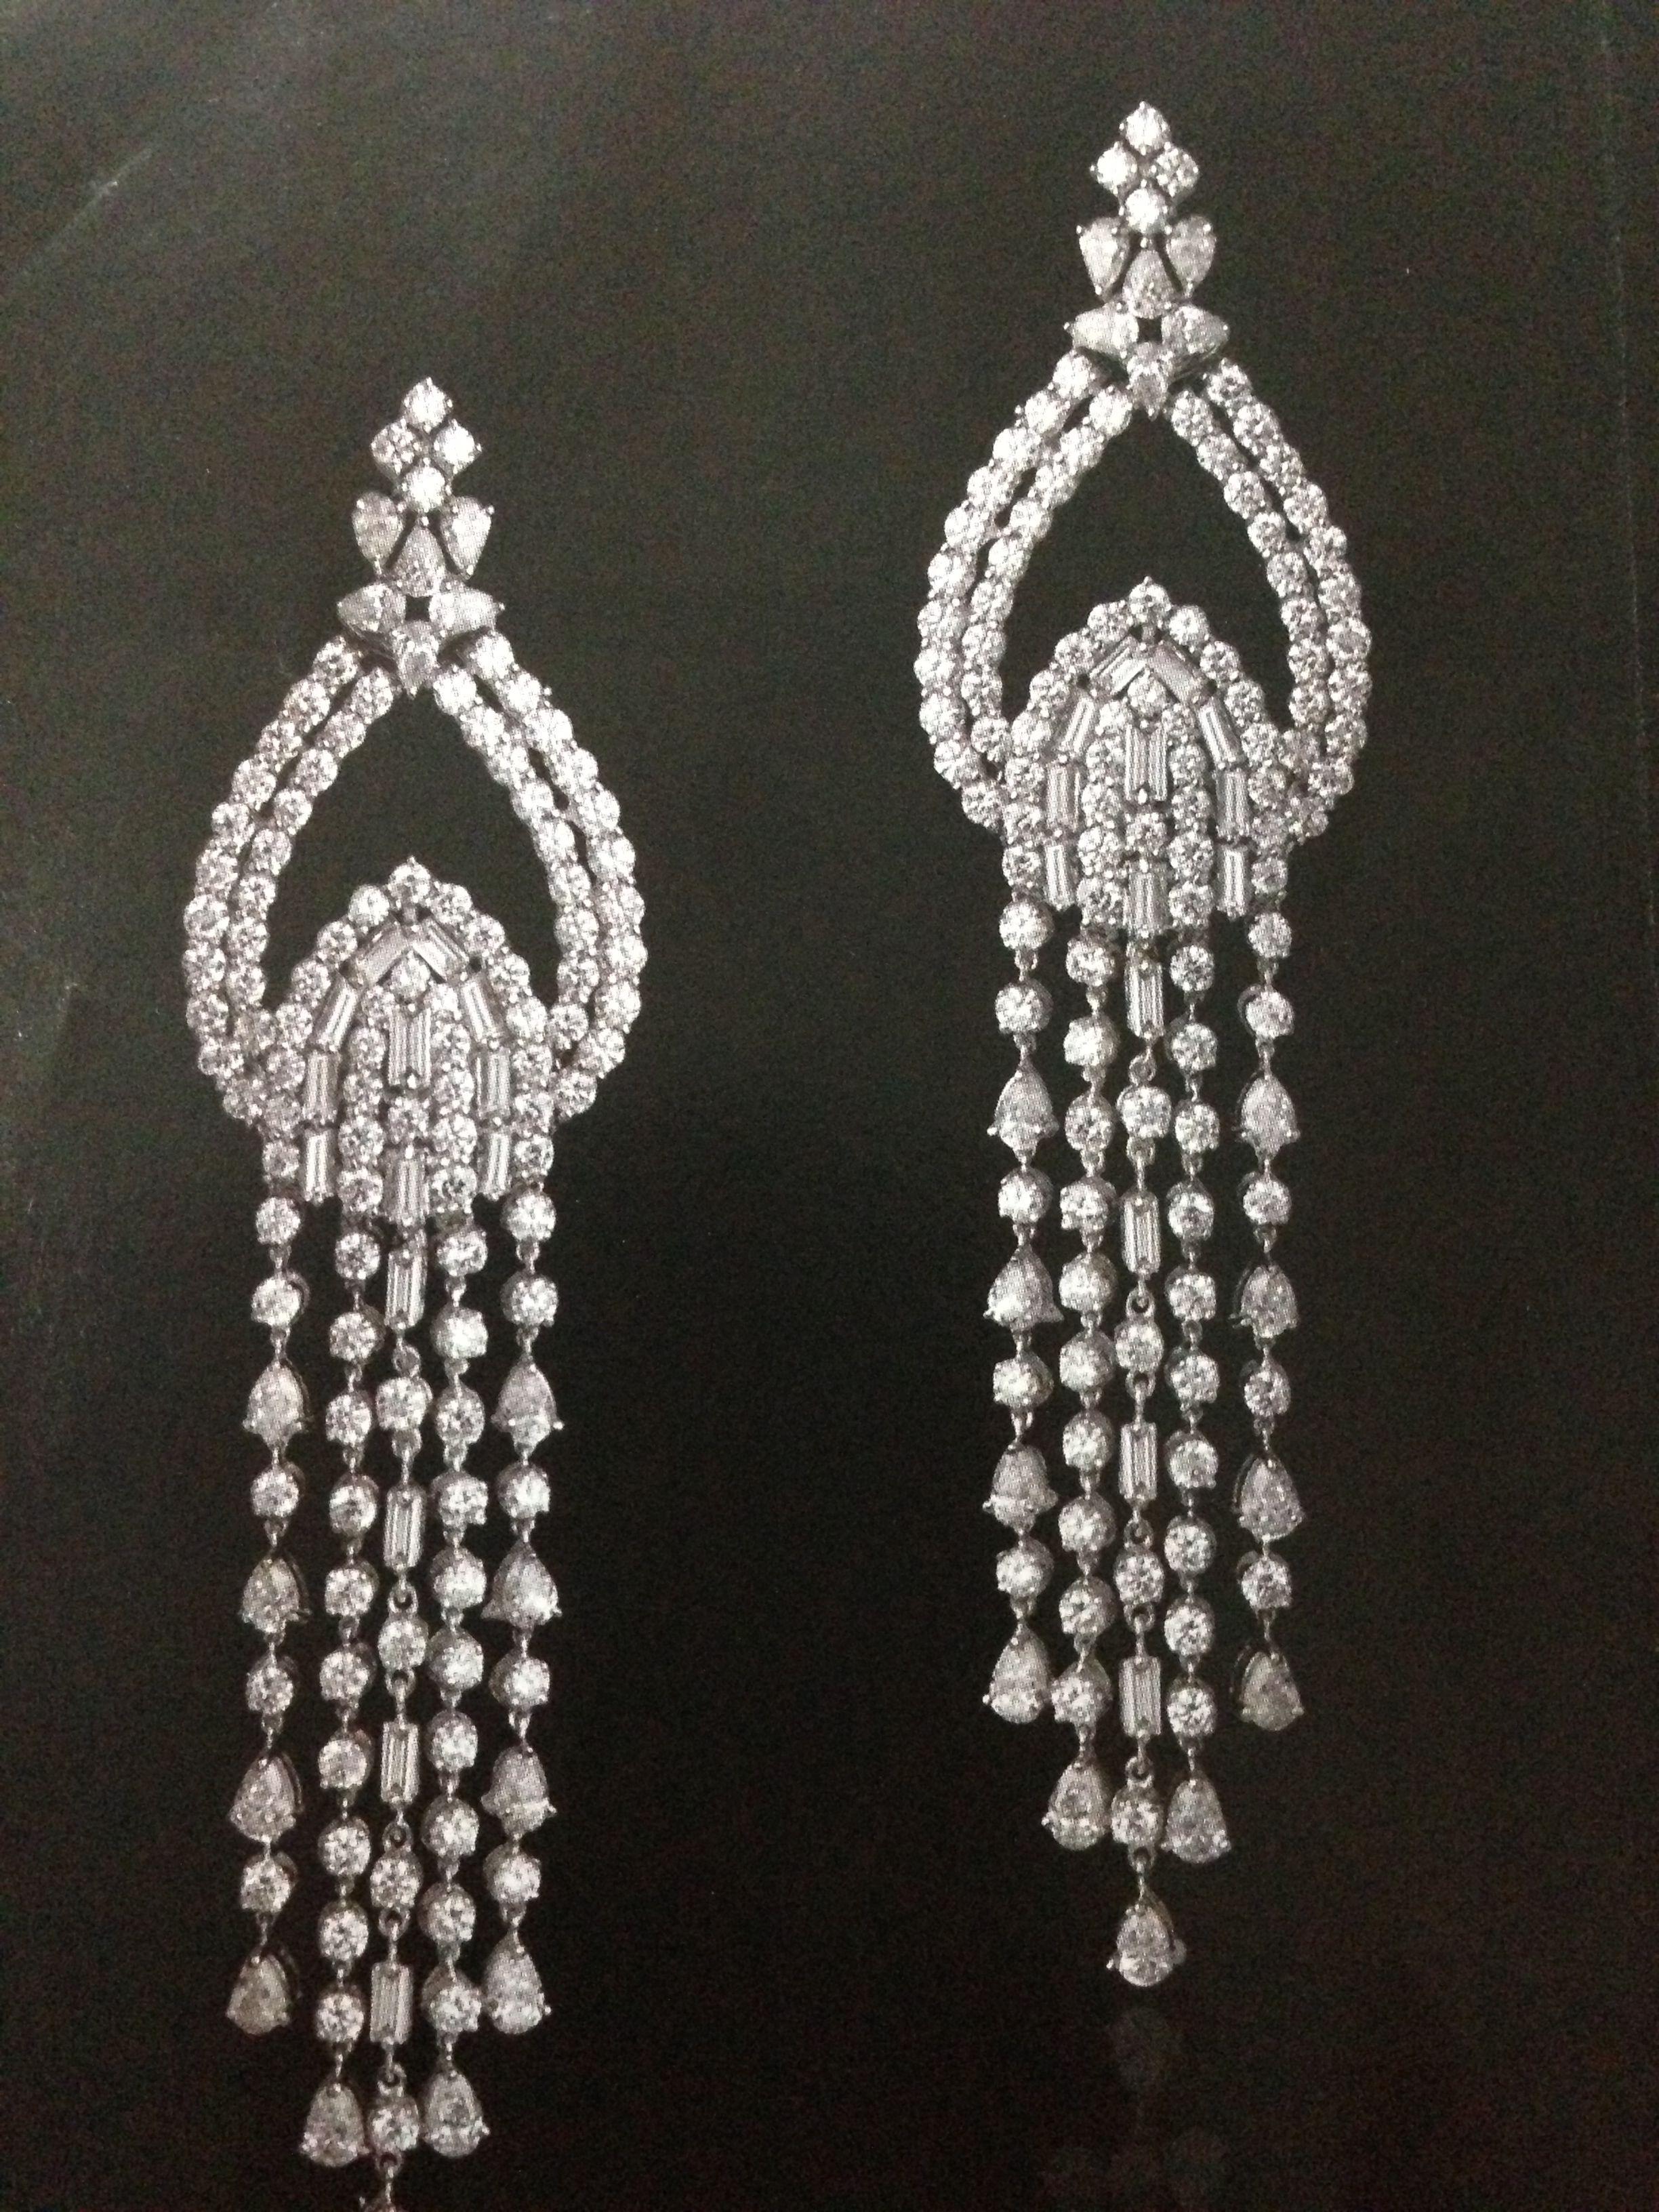 Diamond Silver Chandelier Earrings | Jewellery in 2019 ...